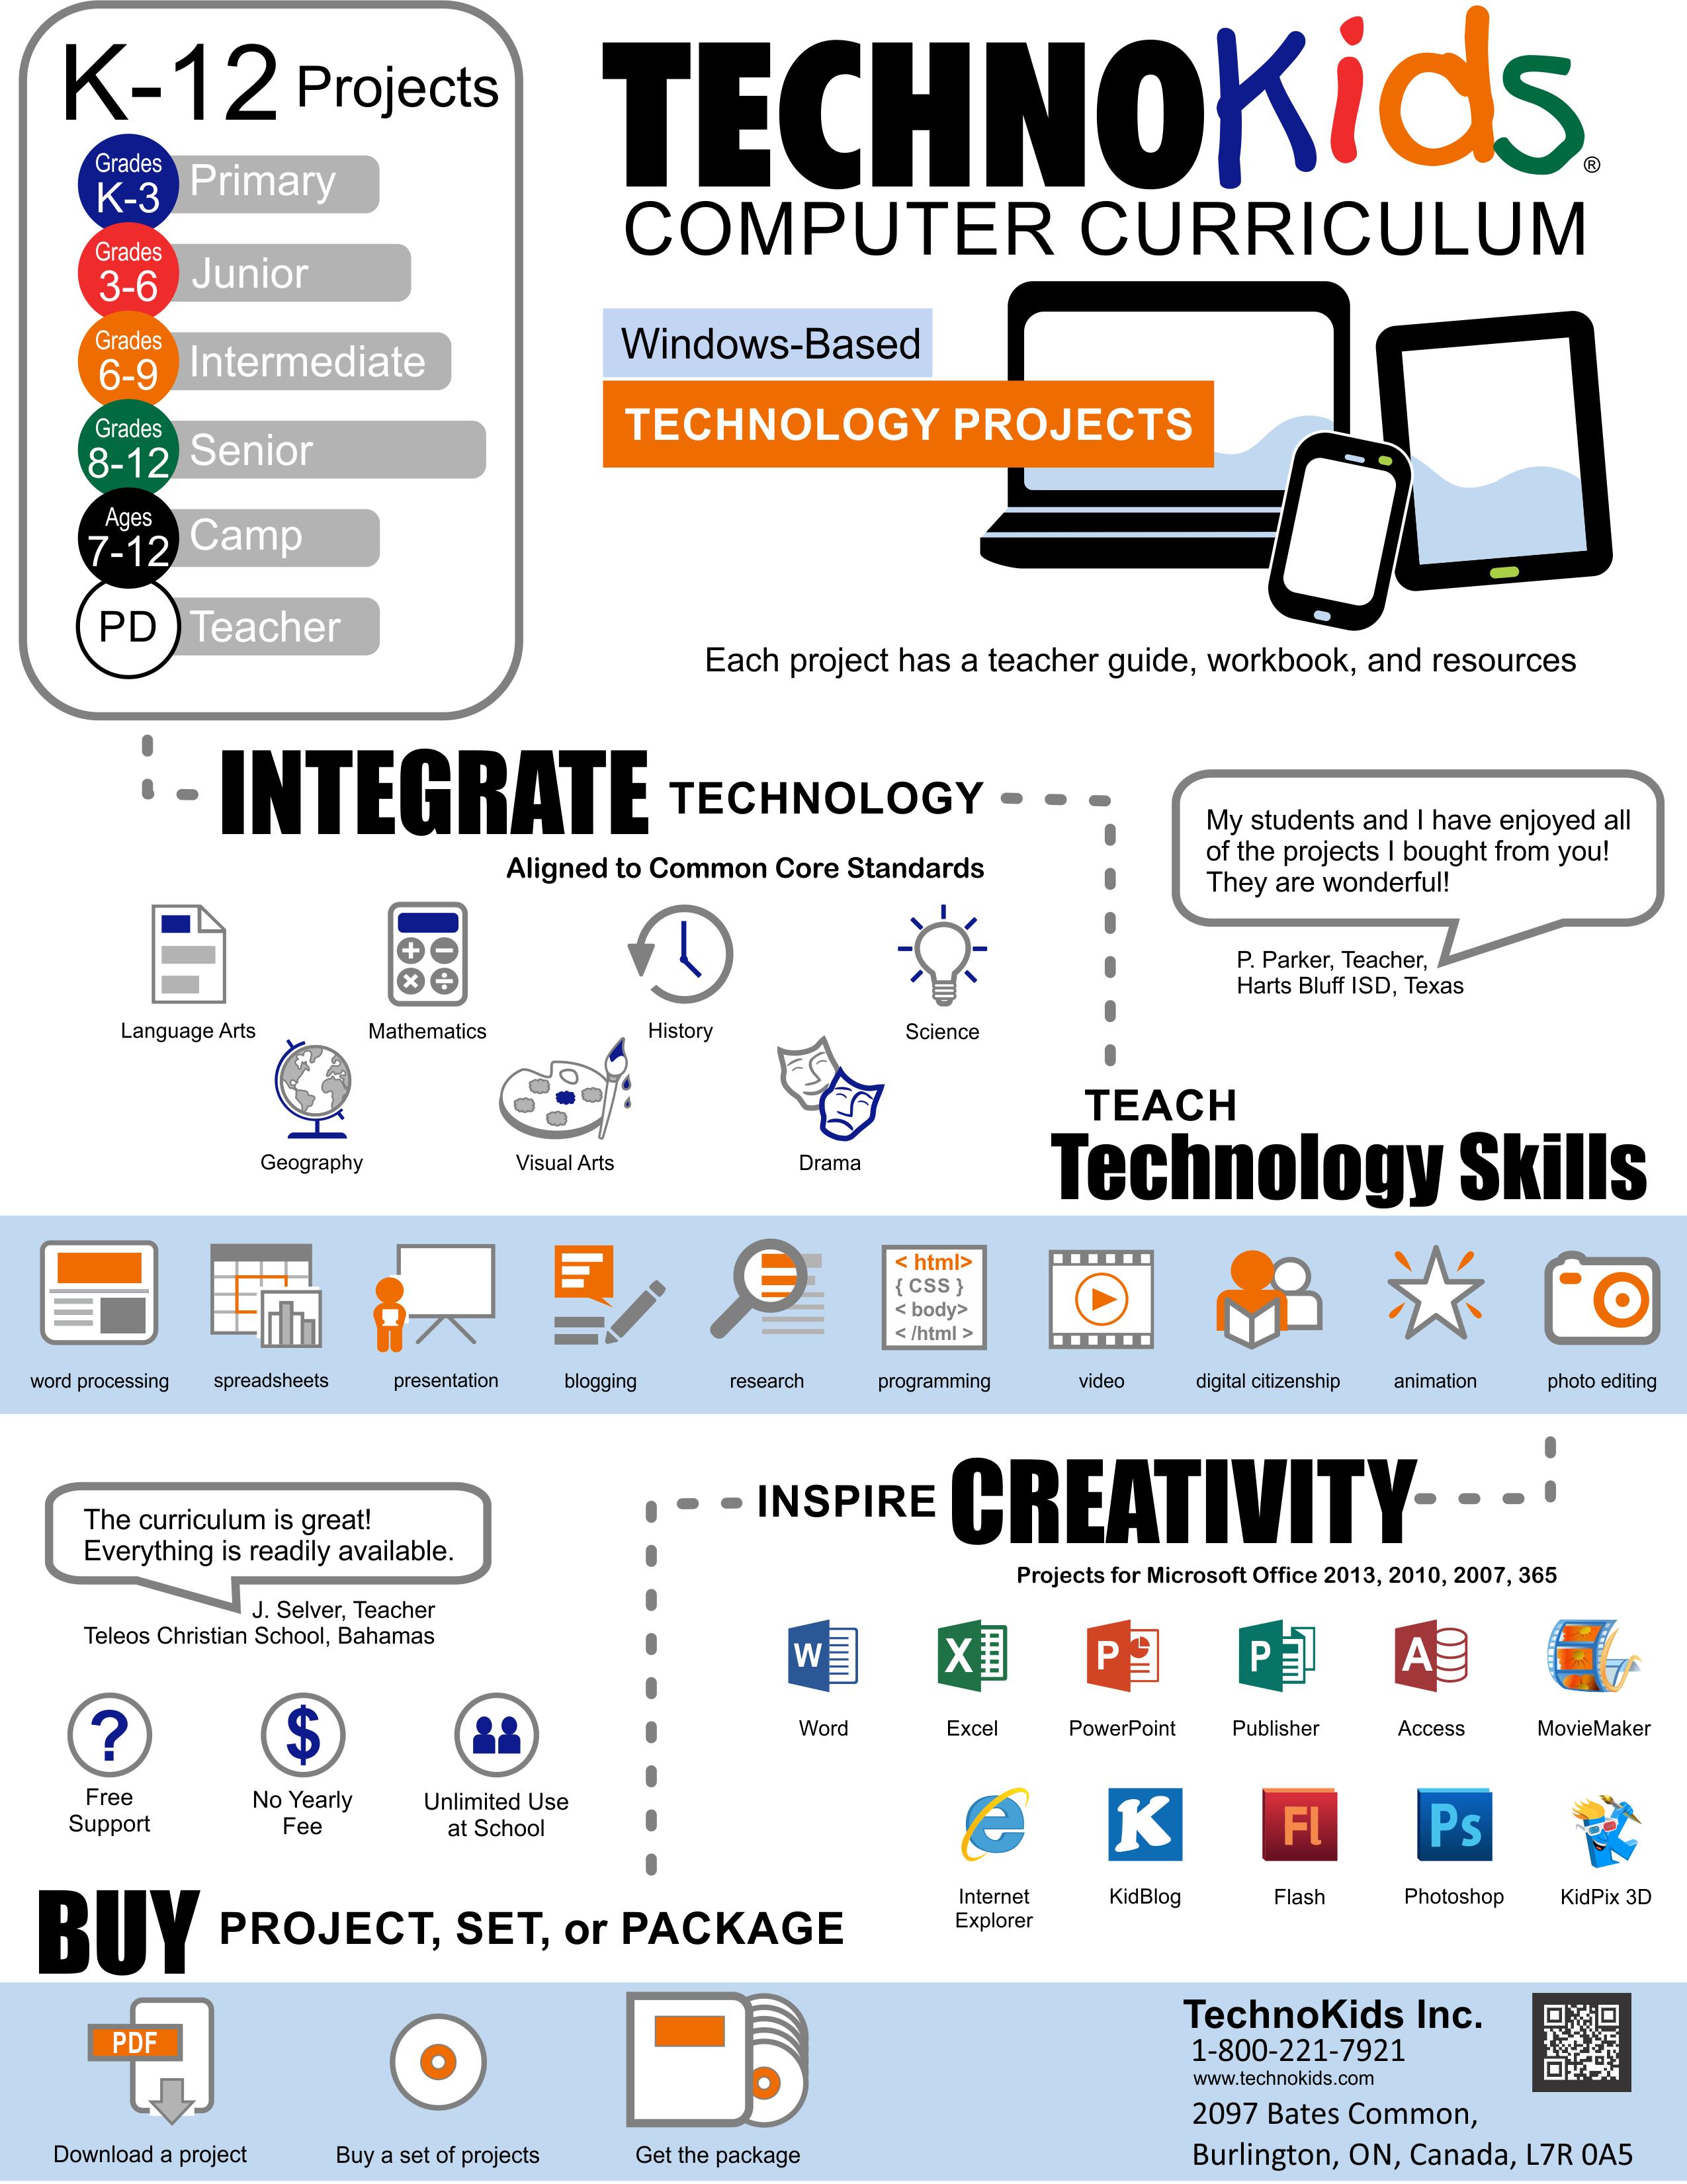 Technokids Computer Curriculum Infographic